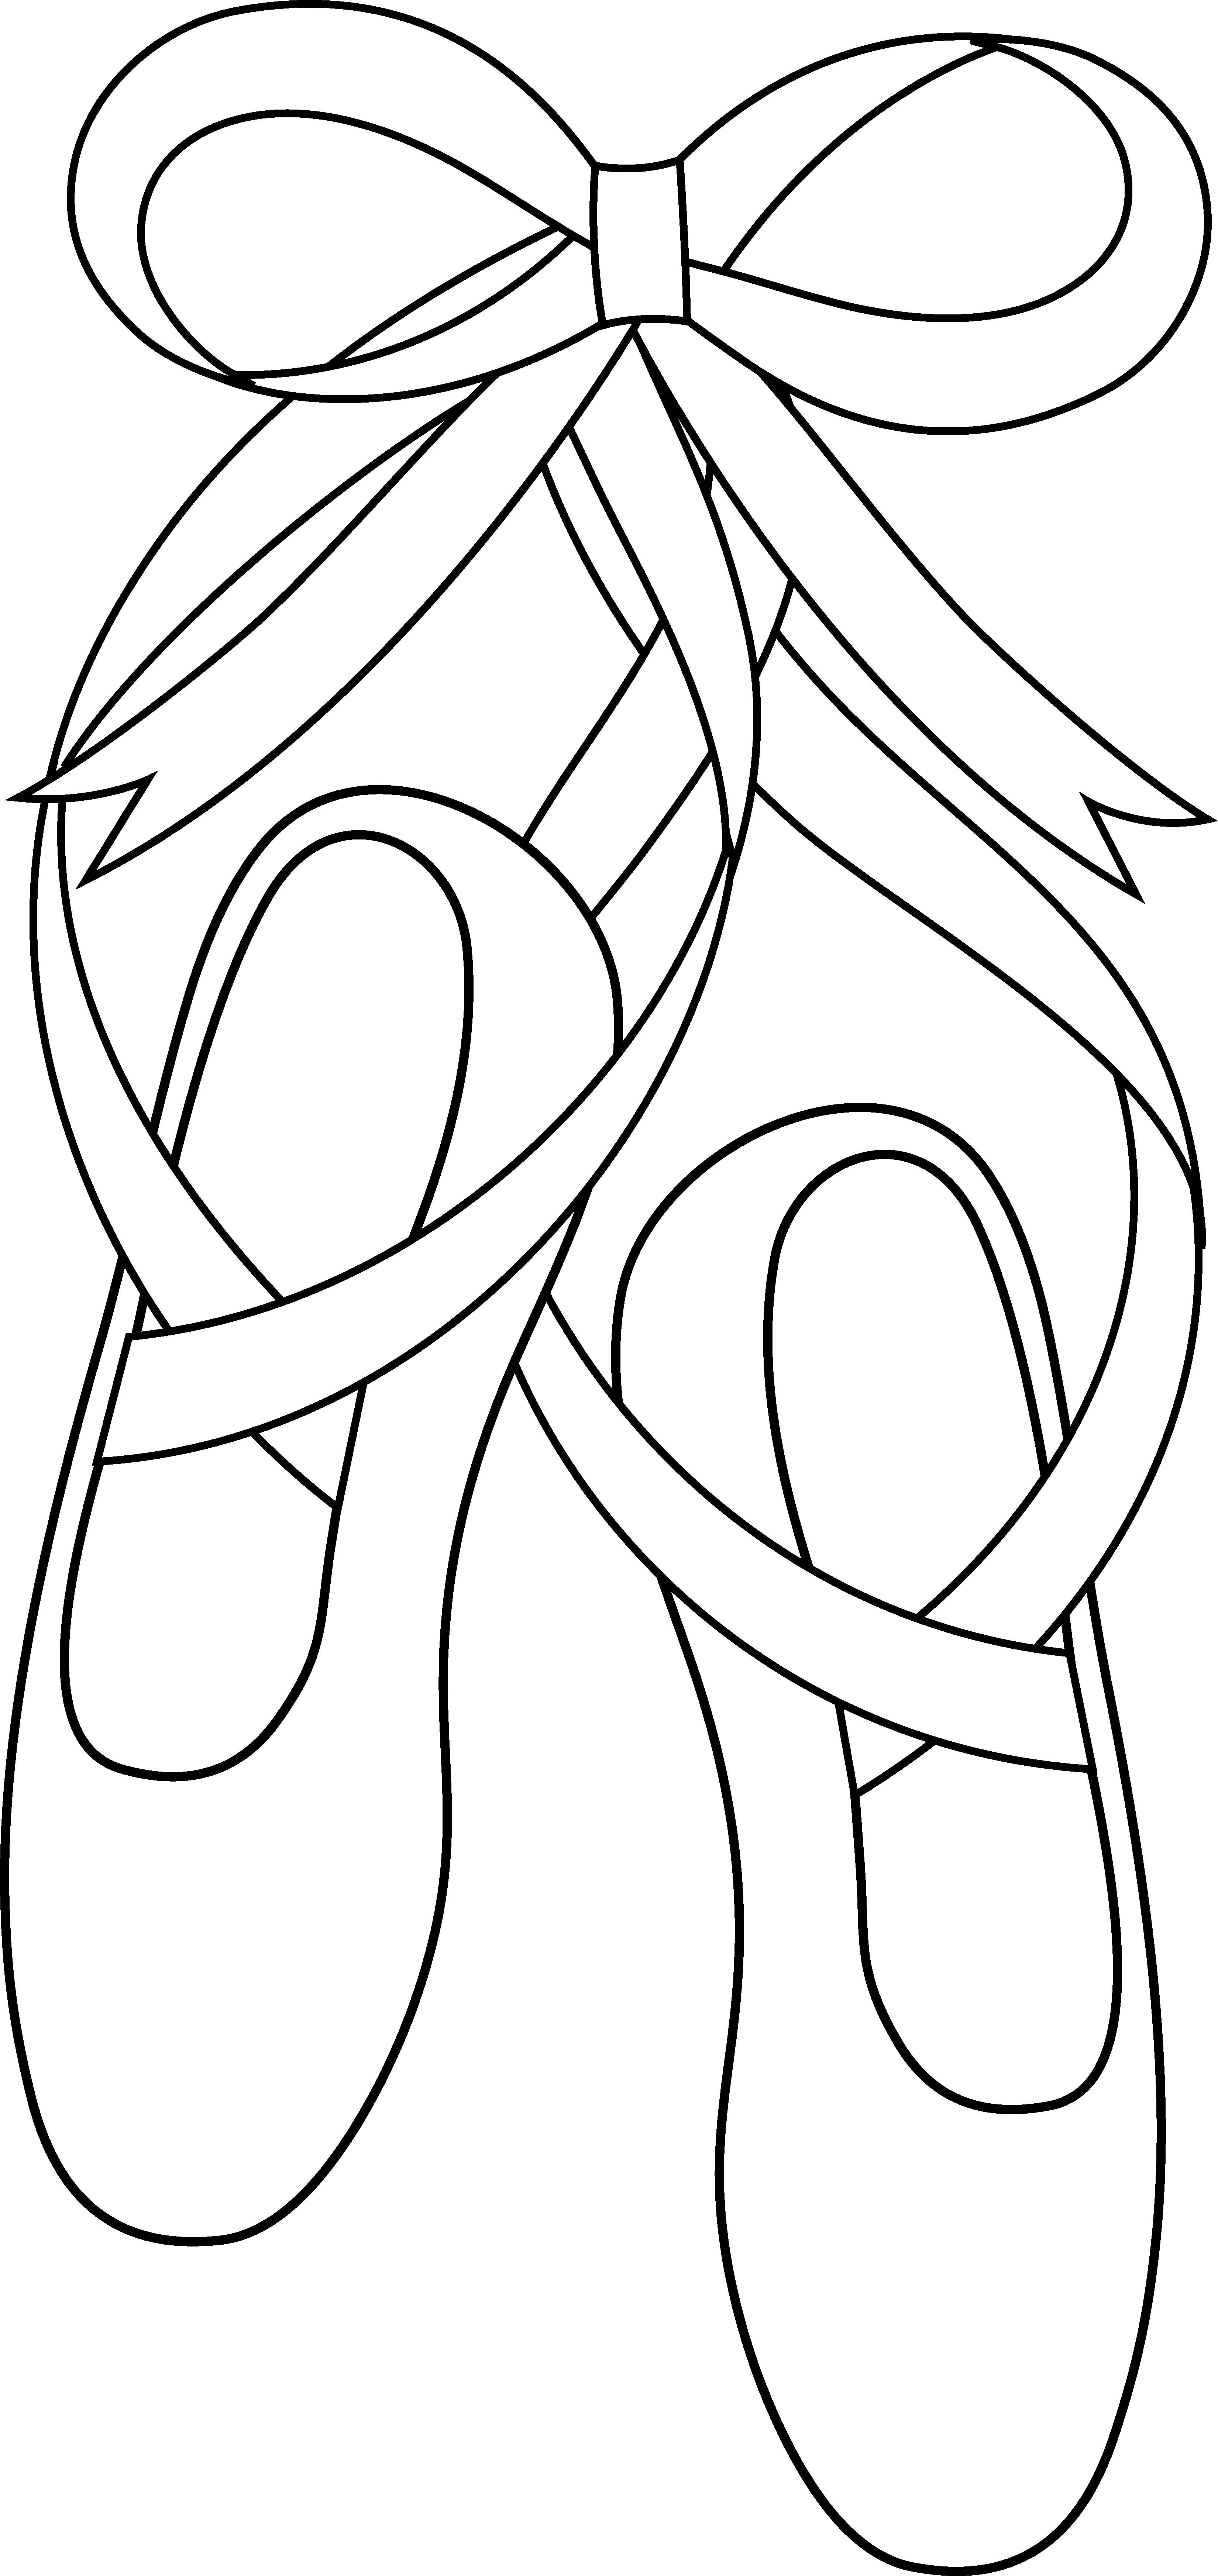 Ballet Dance Shoes Clipart free image.